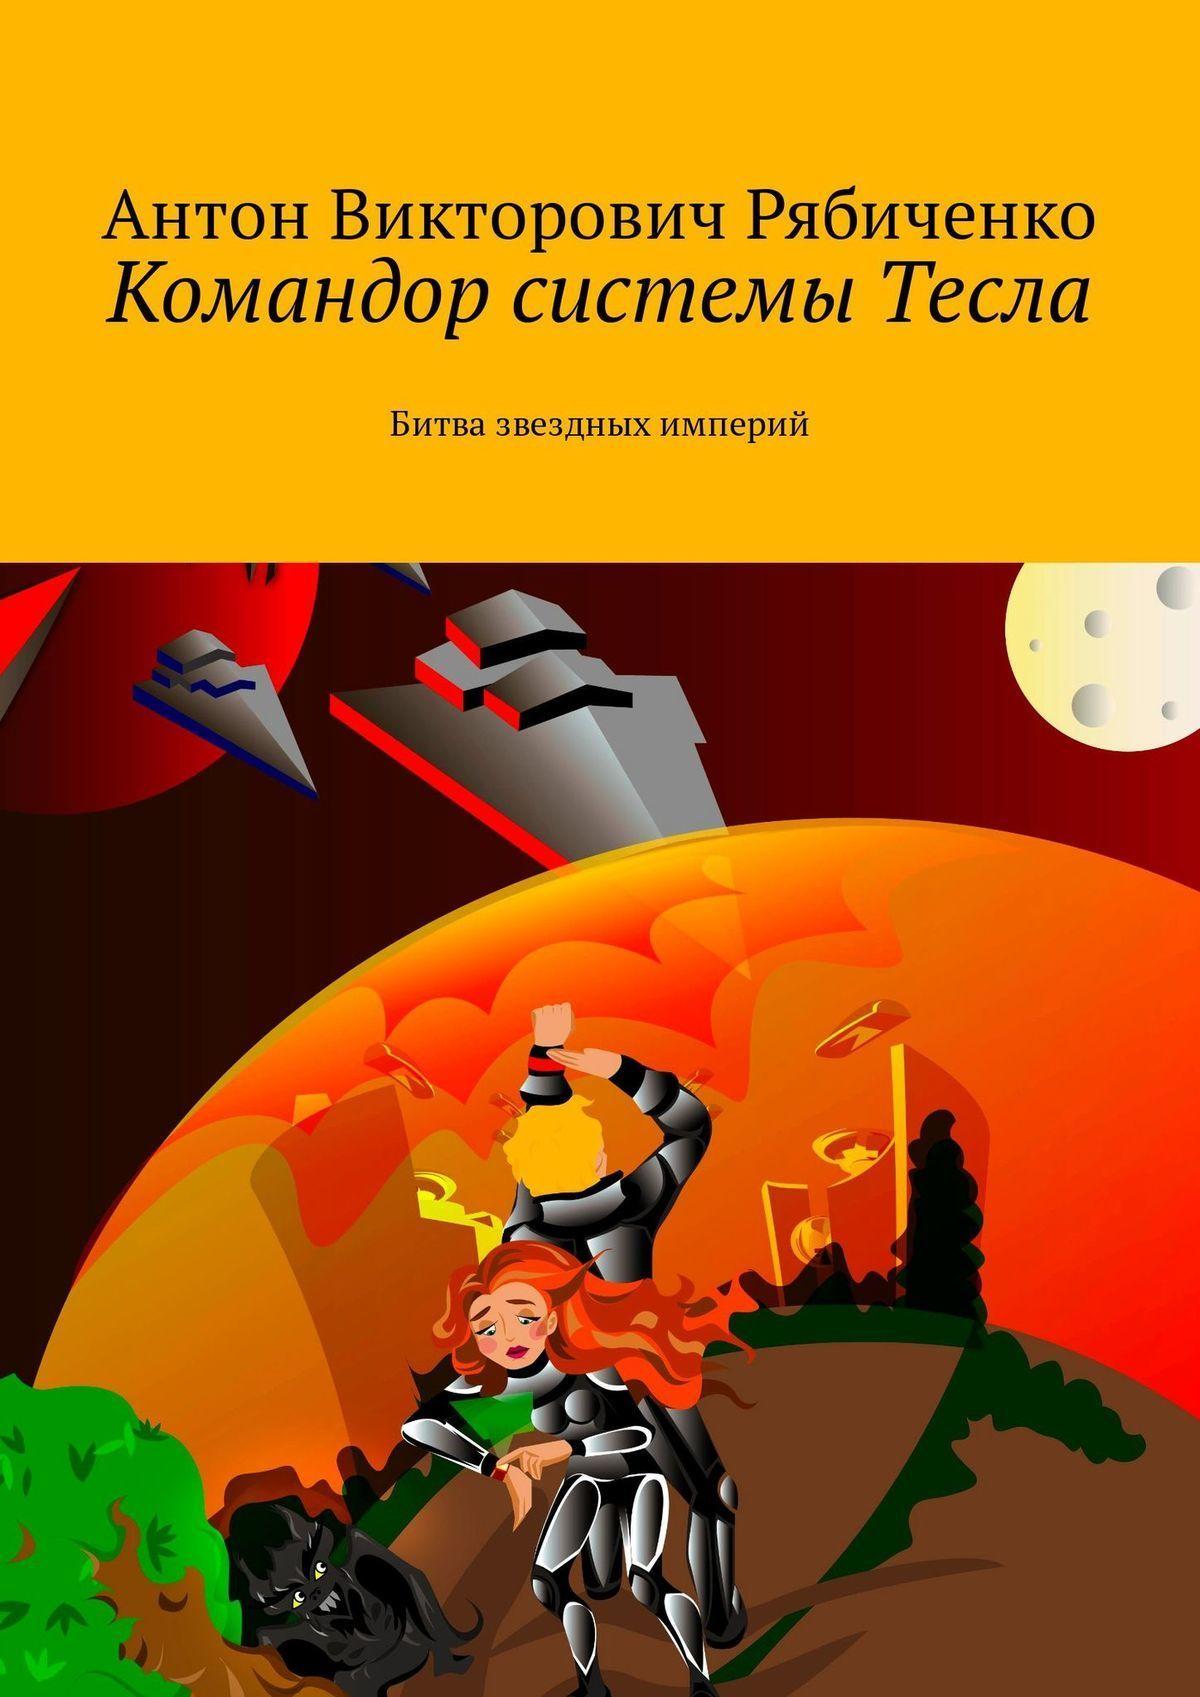 Антон Рябиченко - Командор системы Тесла. Битва звездных империй